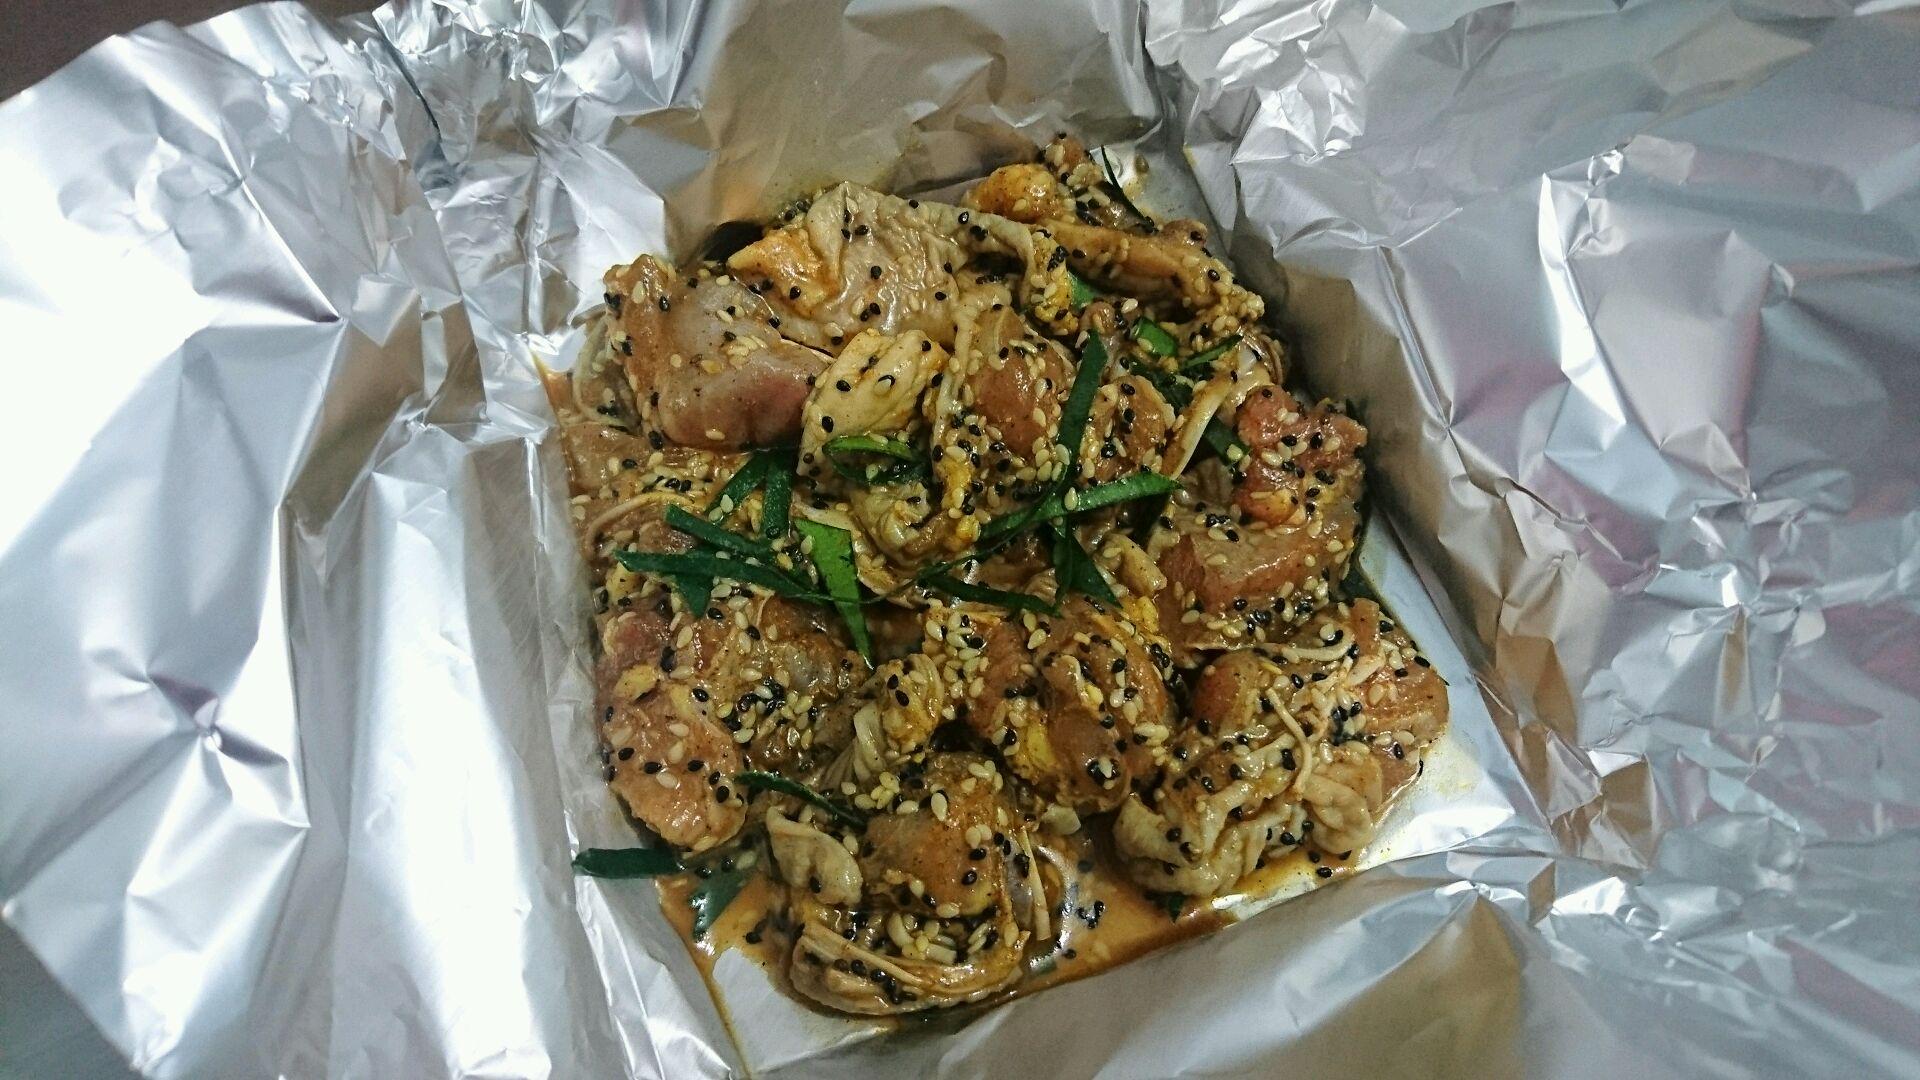 【斑斓叶炸鸡】泰国顶级餐厅才会有的前菜【全网首发】图片